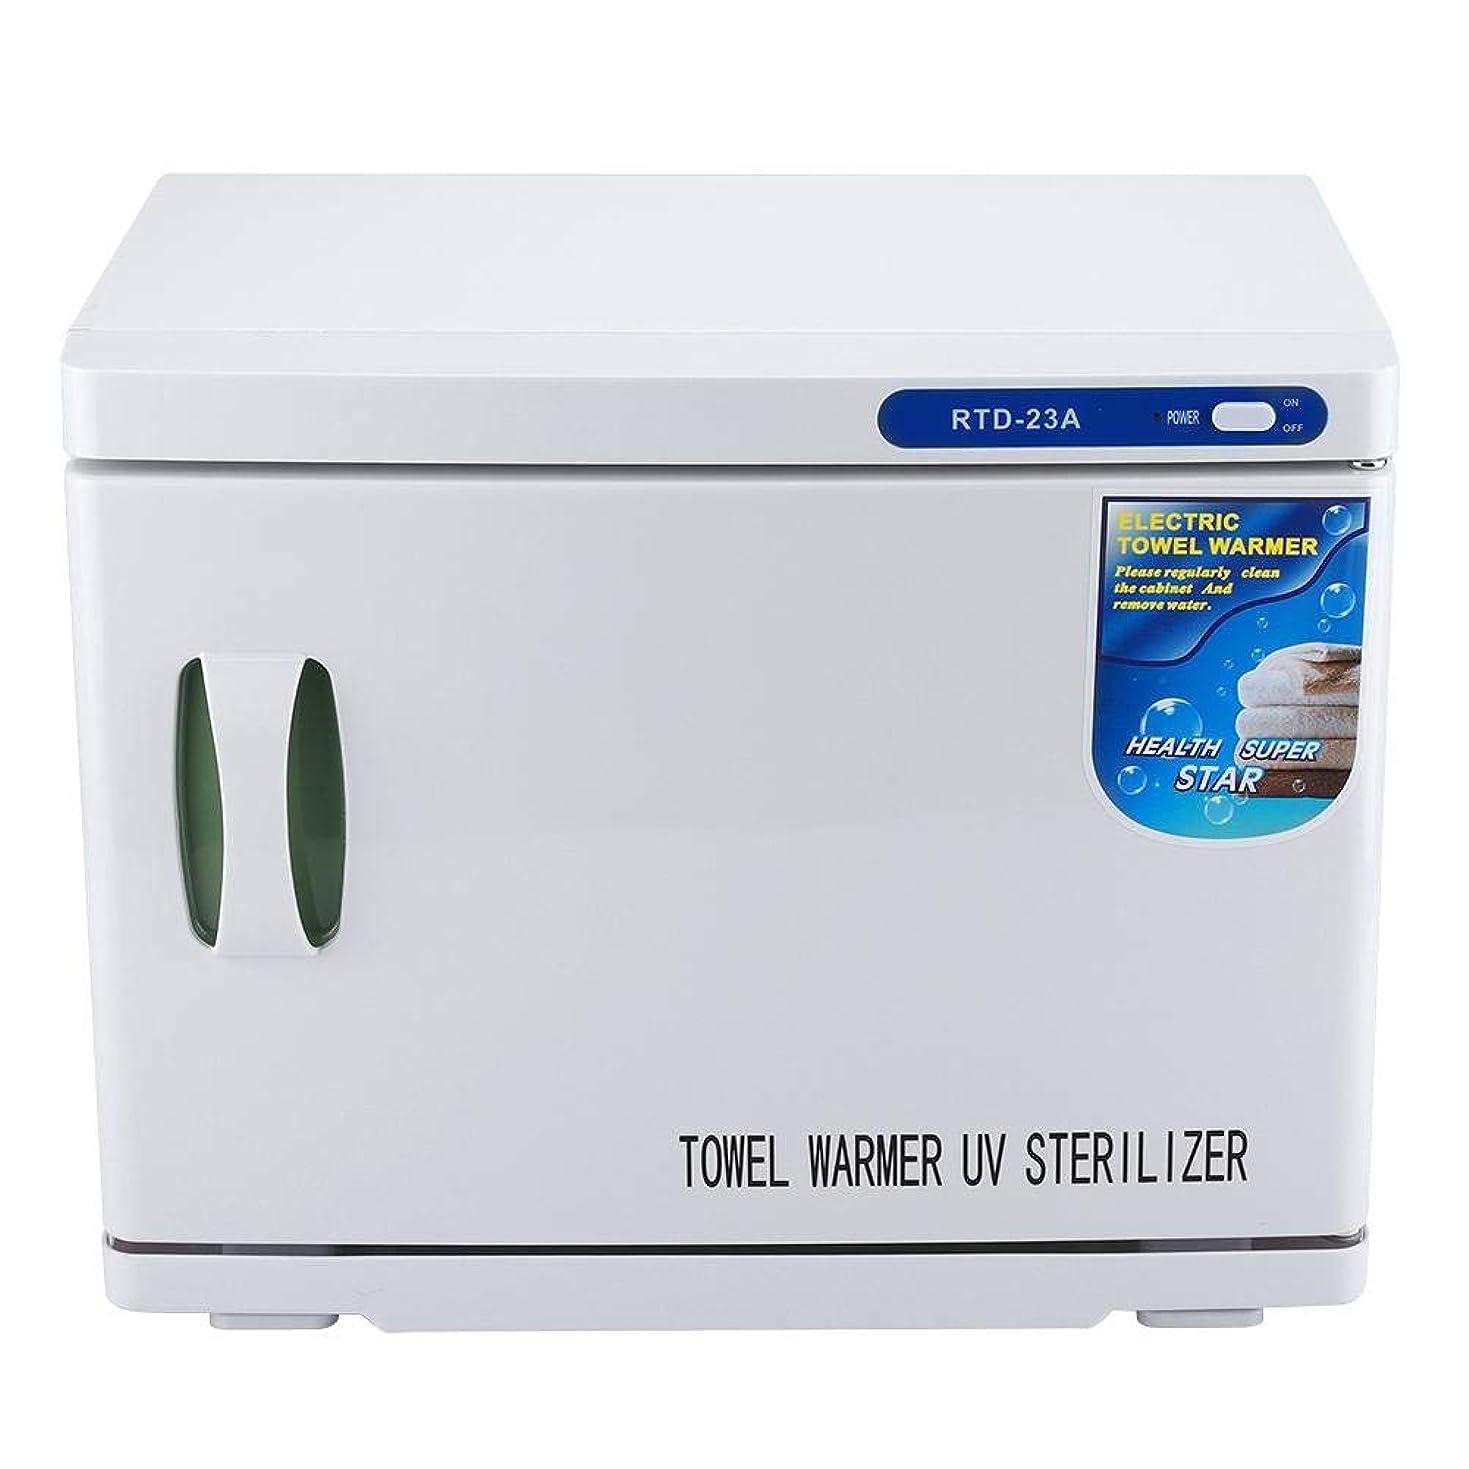 ポーンジーンズ姉妹23Lタオルウォーマー 2段階タオル消毒キャビネット ホットボックス消毒 加熱温度60℃±10℃ ドレーン受付き 蒸し器 除菌抗菌 紫外線 扉横開き仕様 家庭用 オフィス用 ホテル(us plug)